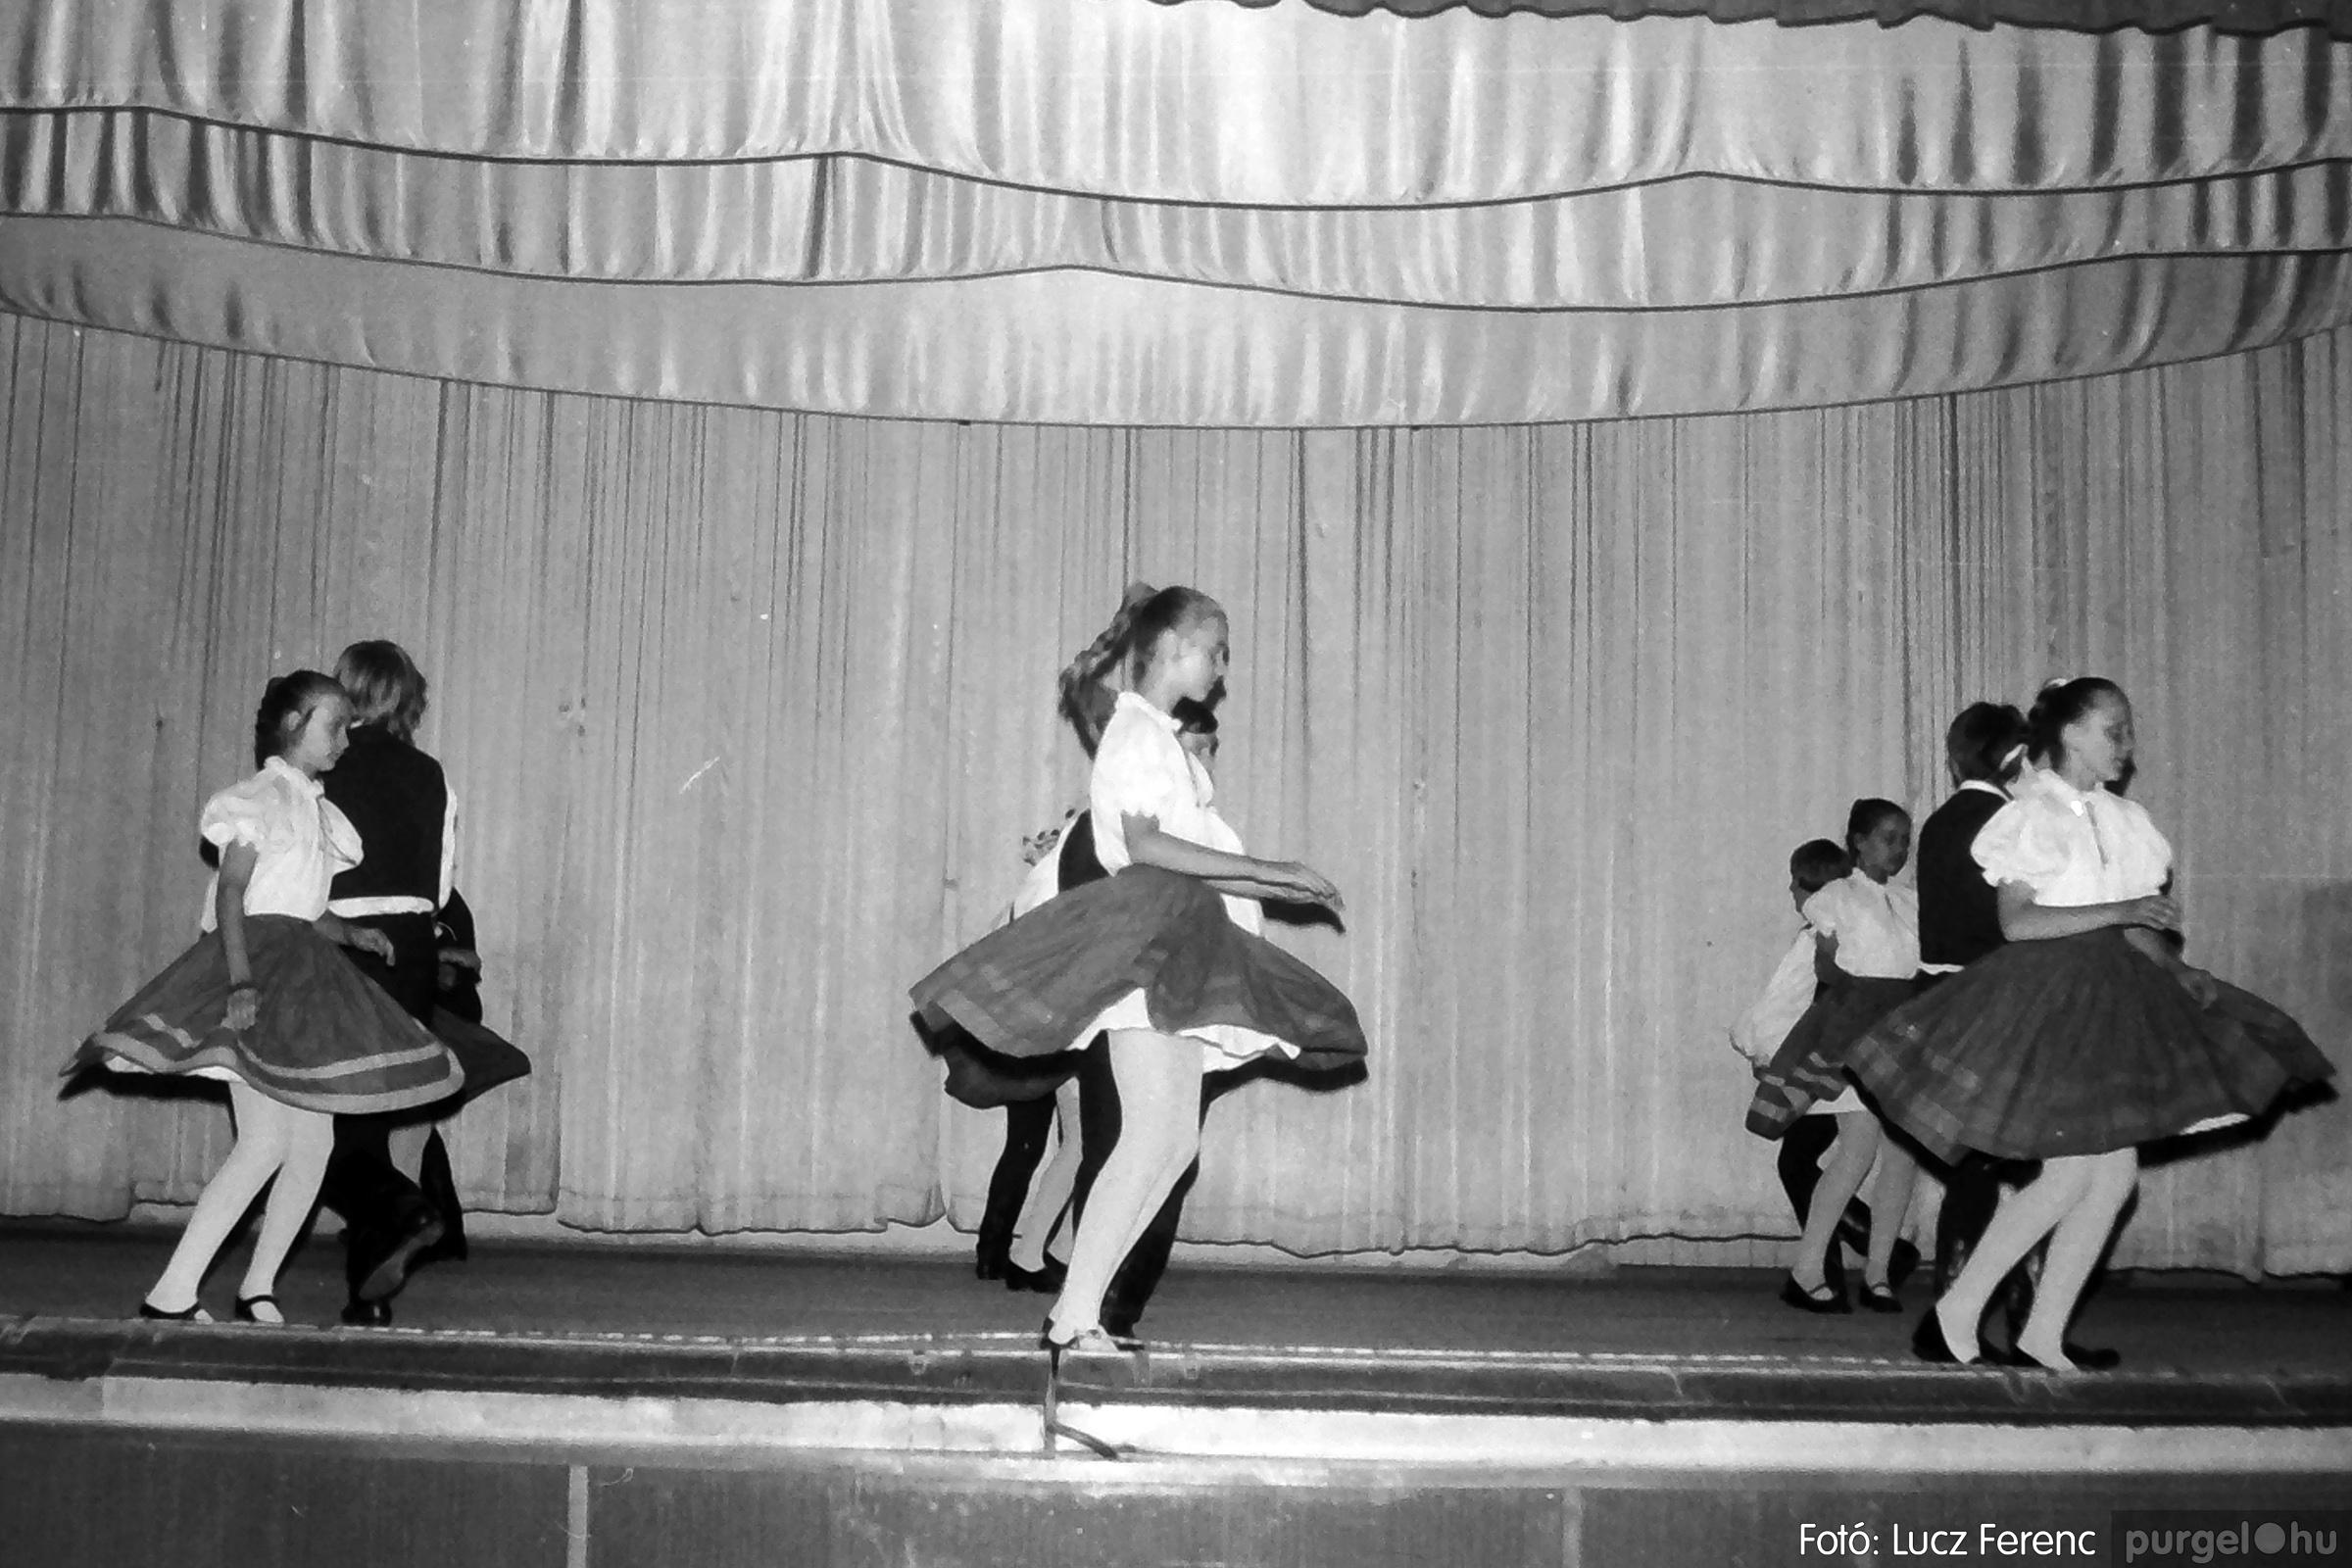 081. 1977. Néptáncosok fellépése a kultúrházban 003. - Fotó: Lucz Ferenc.jpg